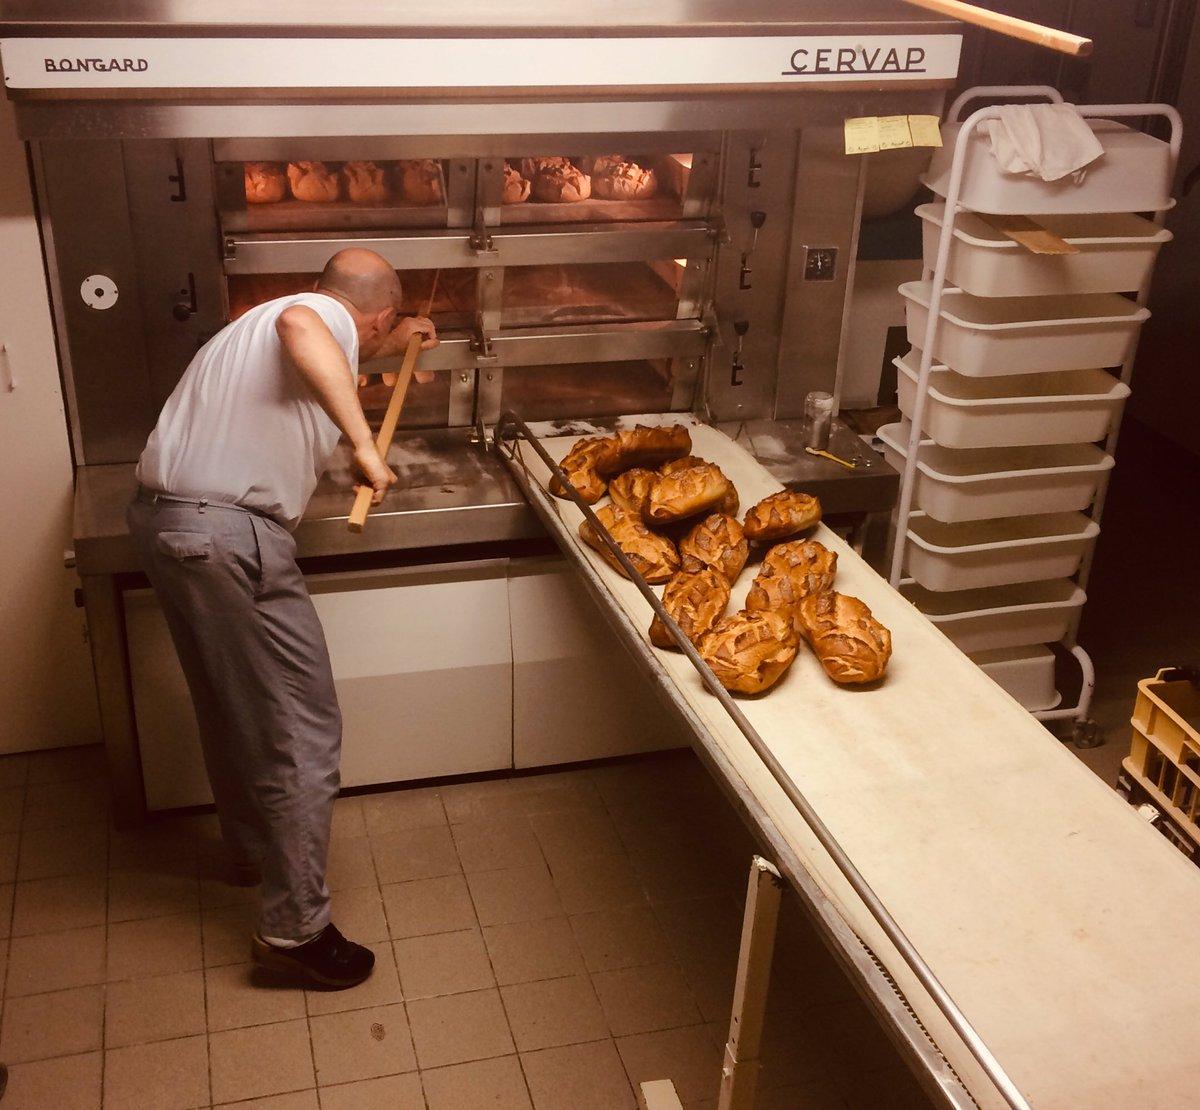 Nouvelle prod Kartagen dans le magazine 13h15, demain sur France 2. Rencontre avec un maitre du pain qui a ouvert sa boulangerie, sans aucun diplôme, il y a 18 ans dans le petit village de Laguiole. #france2 #boulanger #artisan #pain #laguiole #tradition #tropbon https://t.co/D7GiUHhsfr